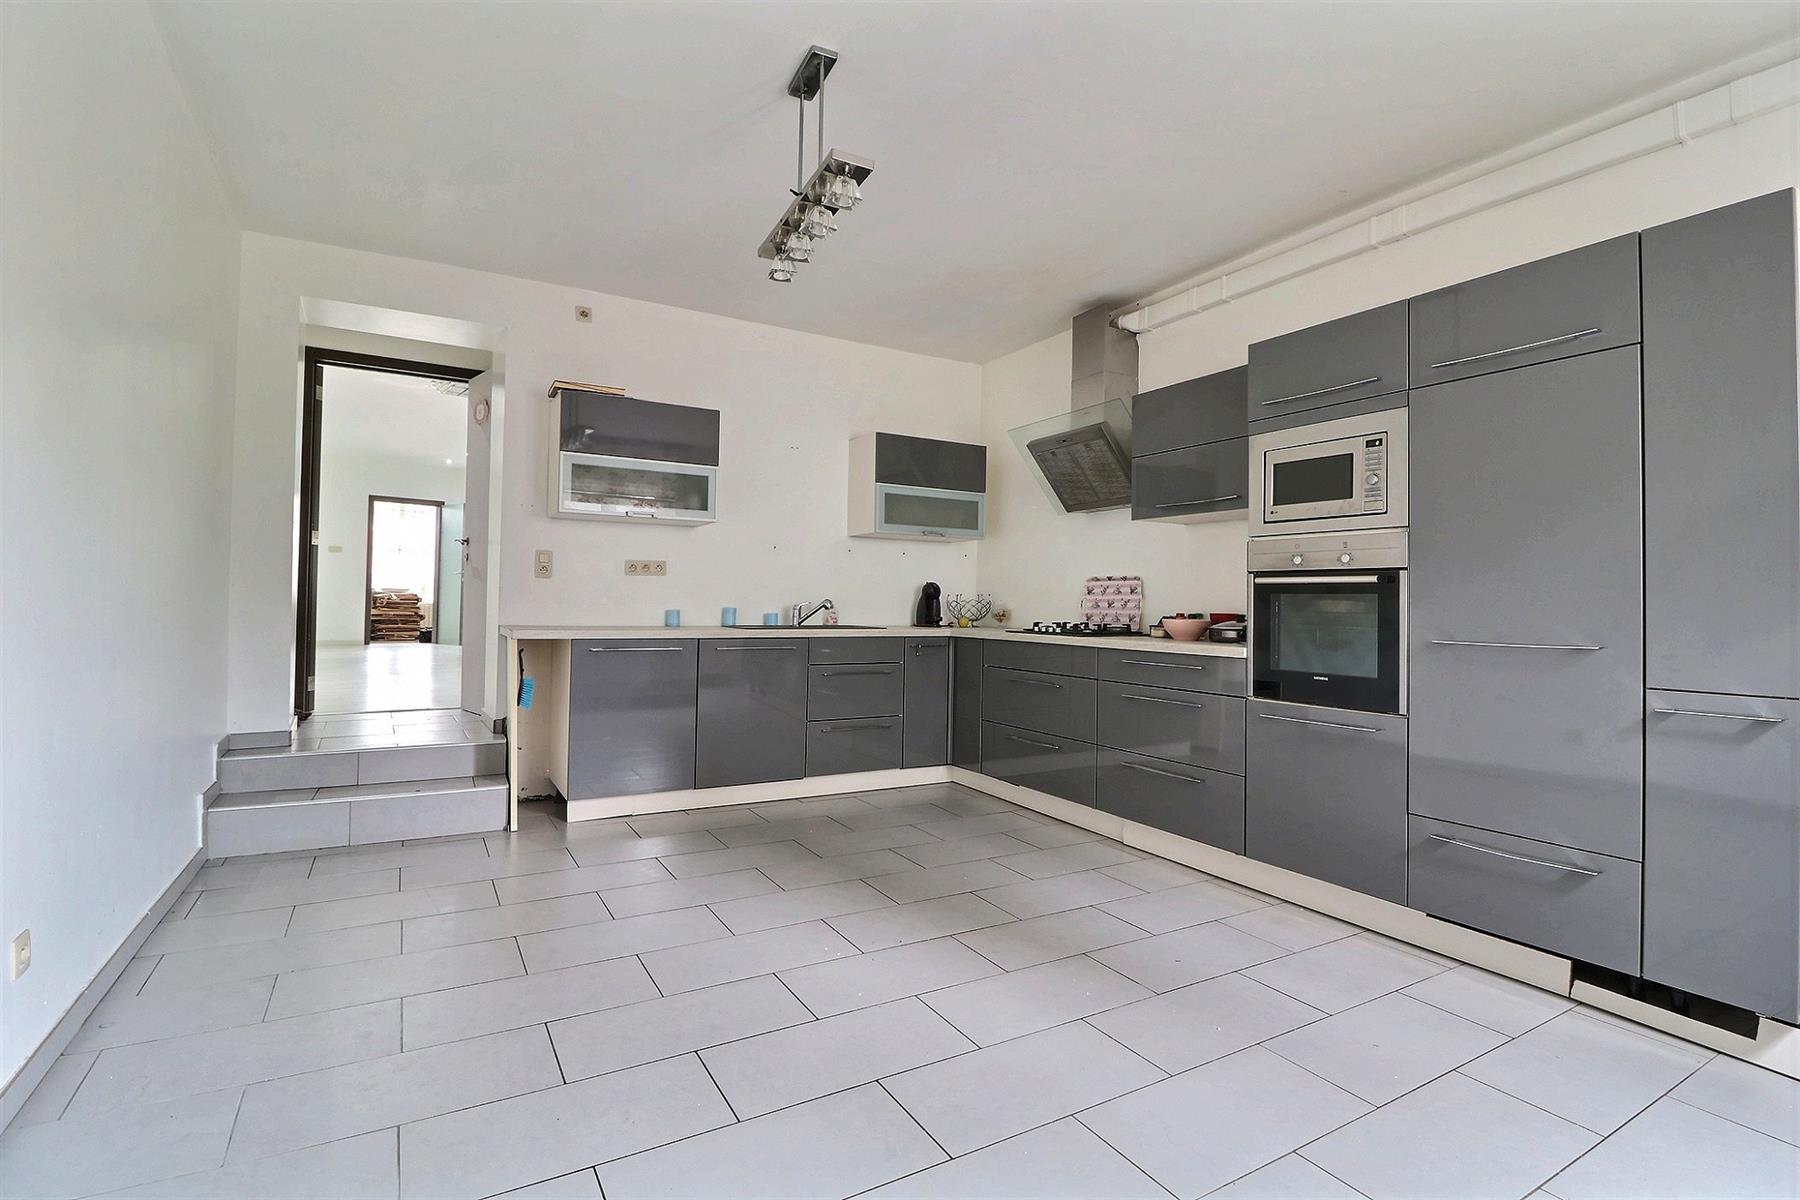 Maison - Liege - #4181725-3